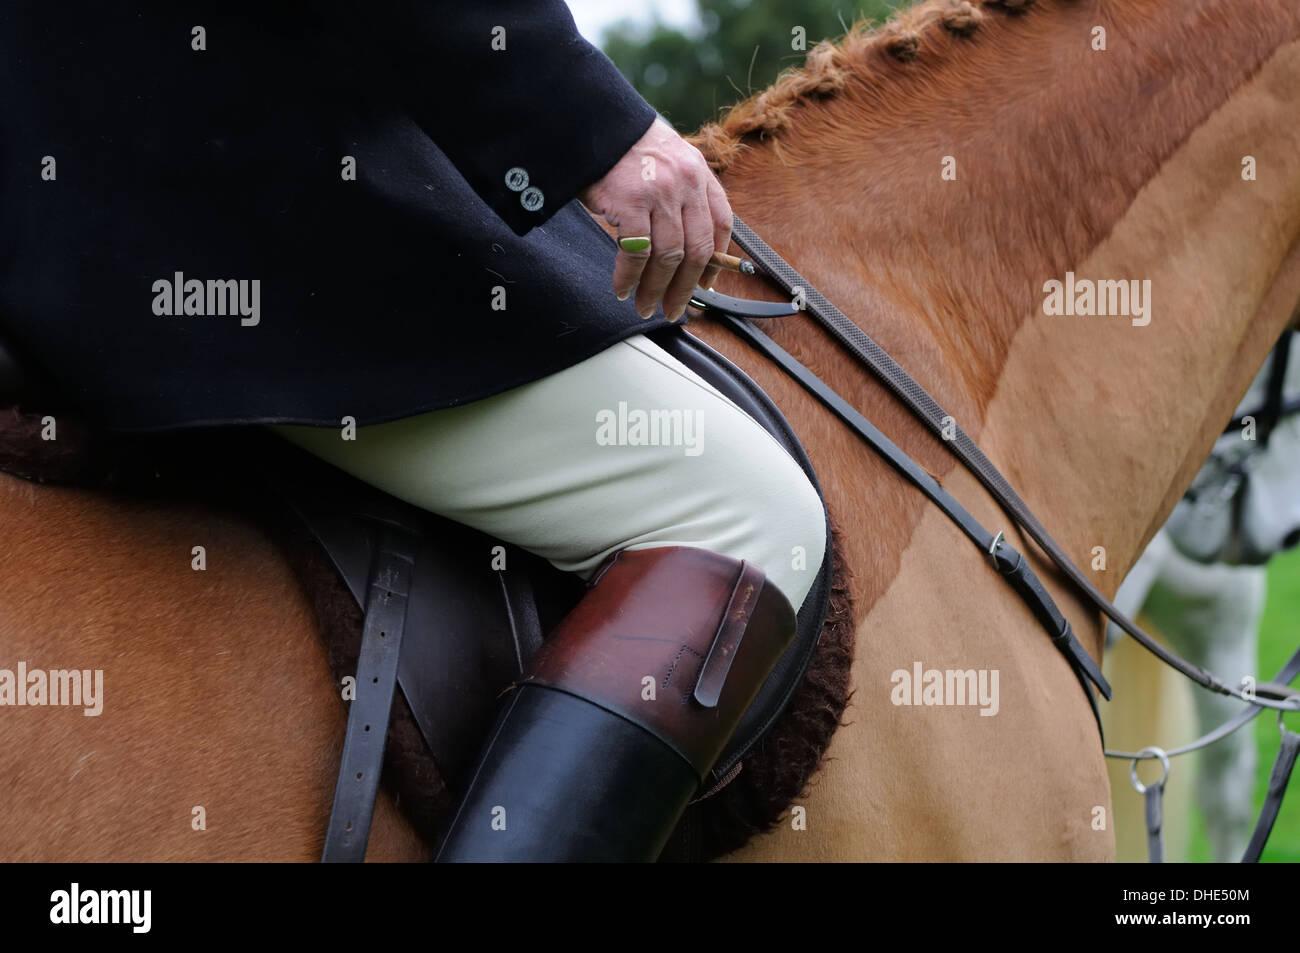 Close-up of horse and rider at fox hunt and smoking cigar. - Stock Image